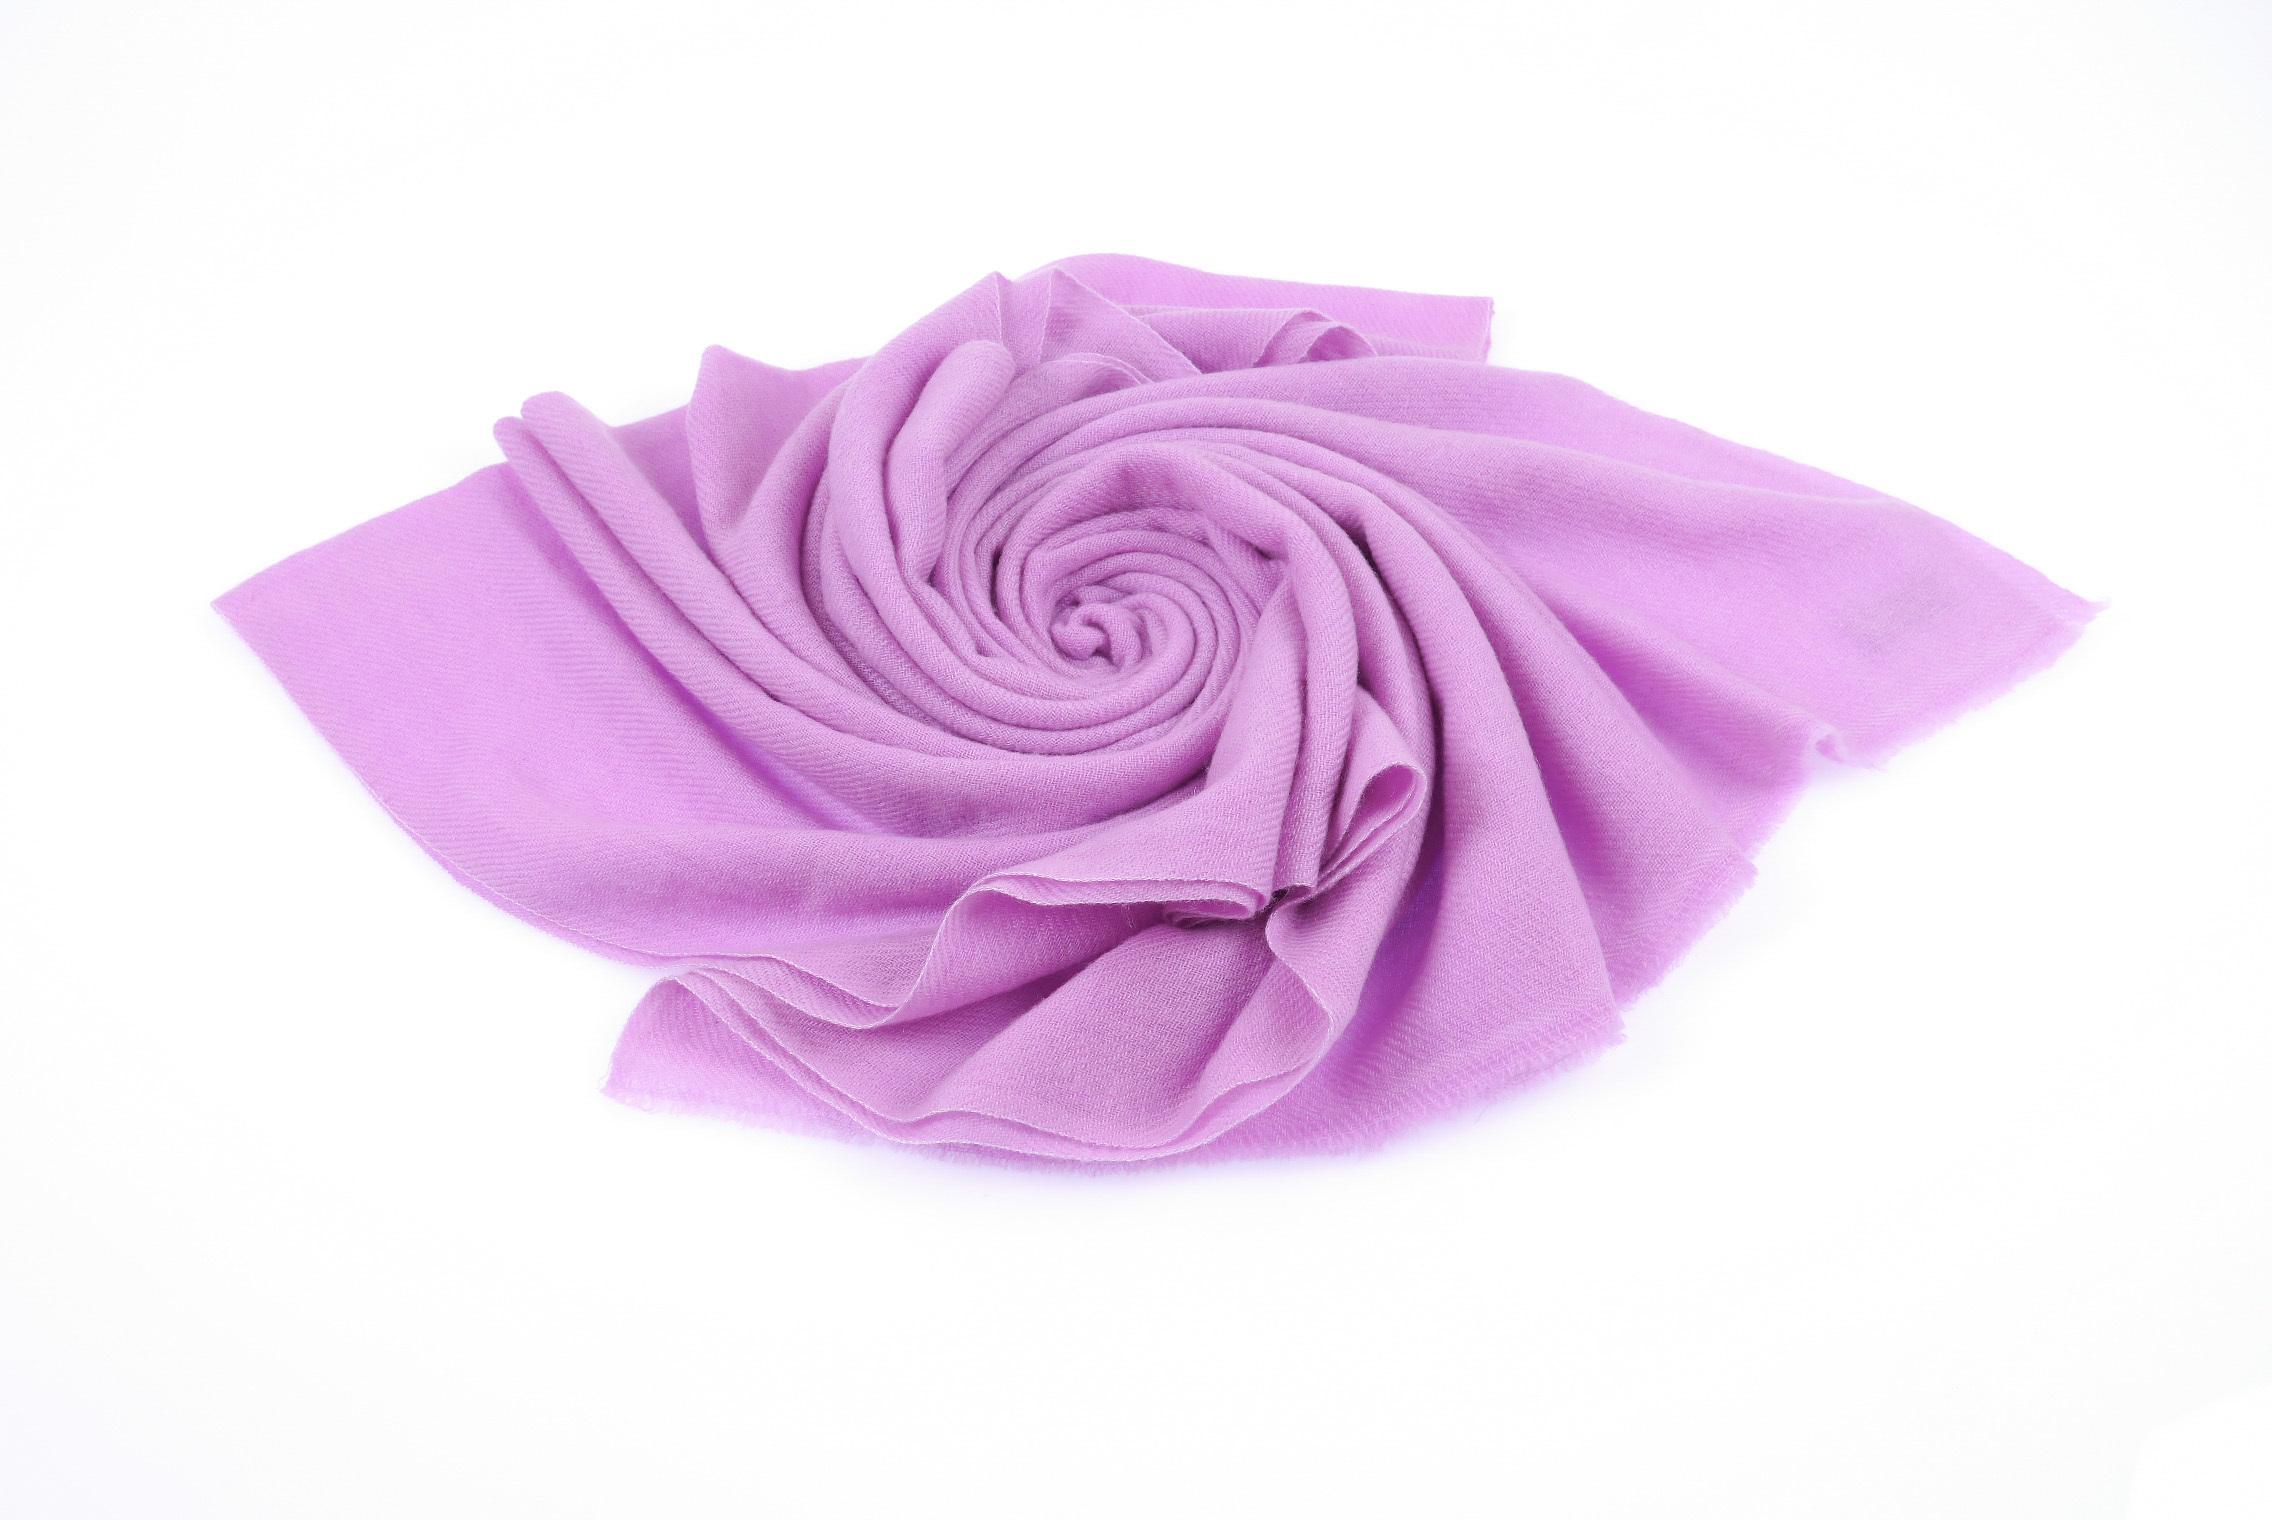 zh喀什米爾圍巾BQCASF0402-34.jpg